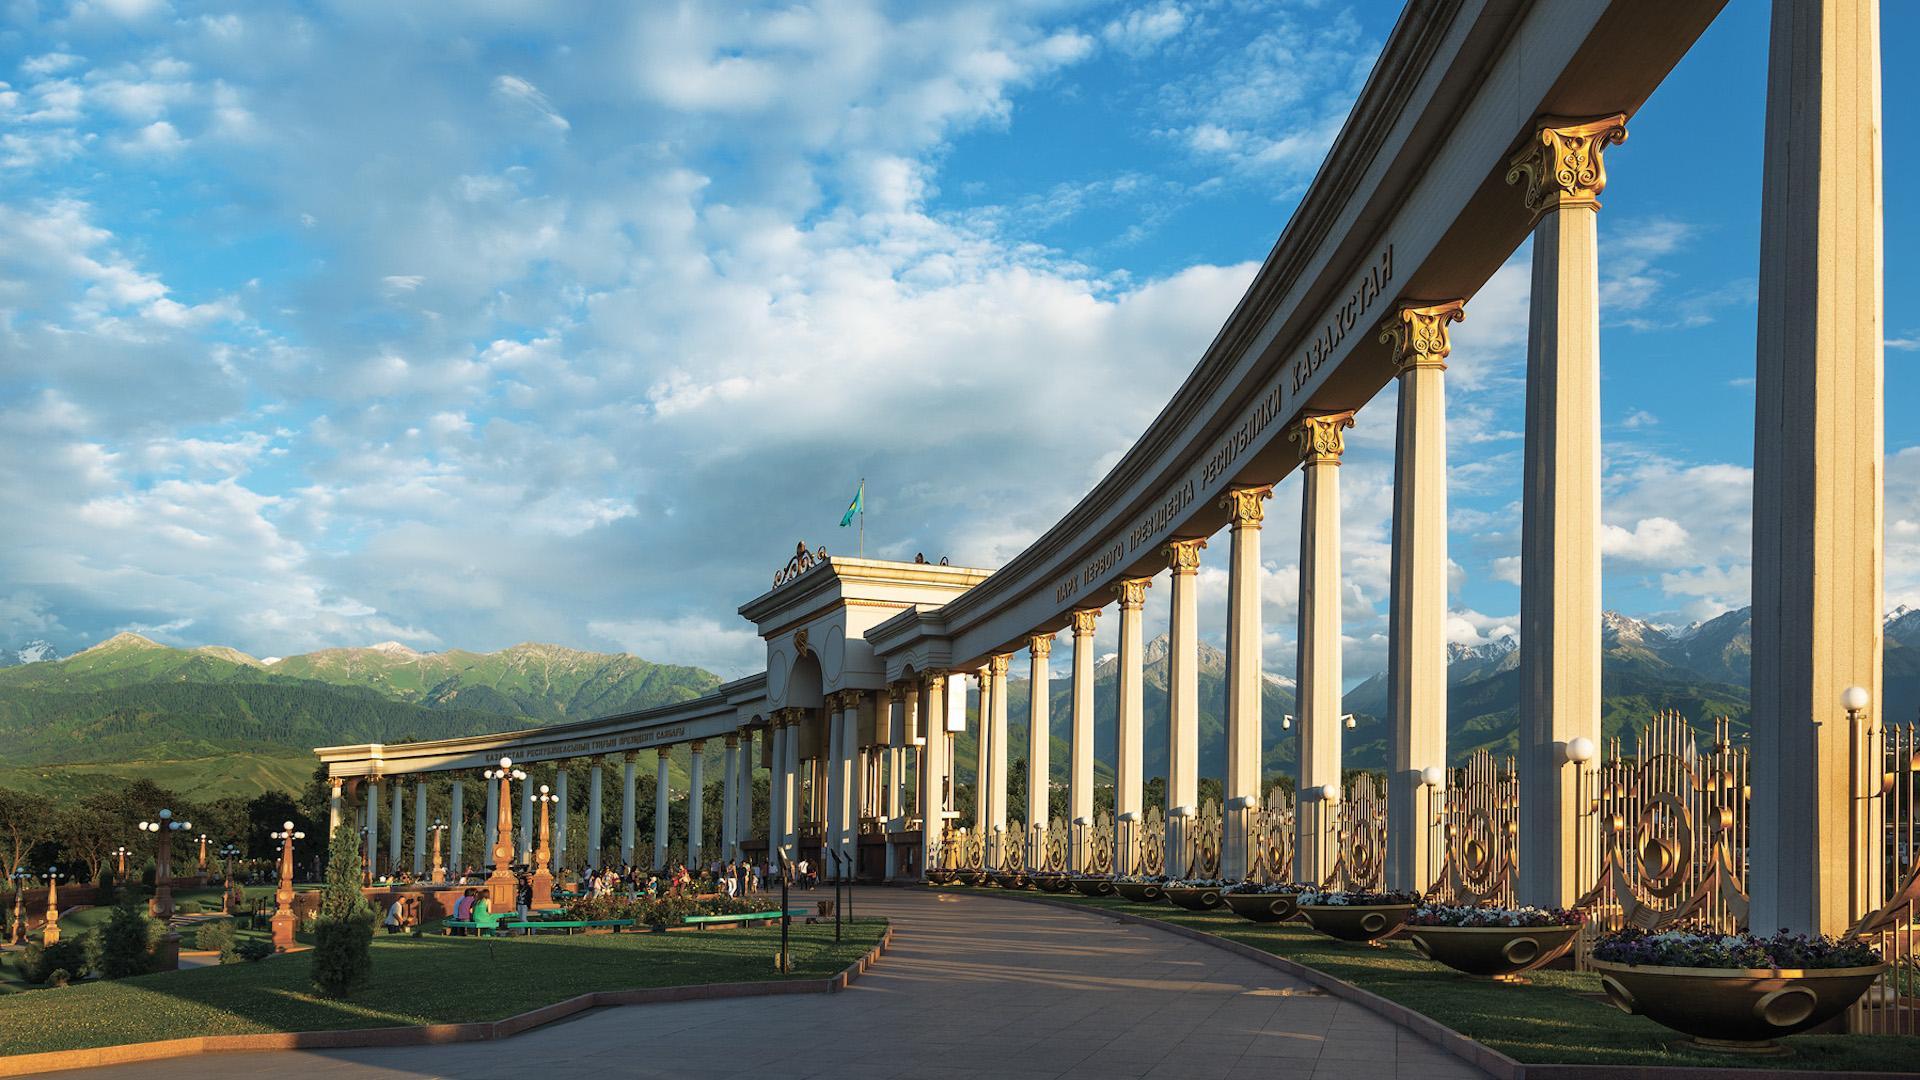 Así es Almatý, la ciudad más vibrante de Asia Central: imágenes